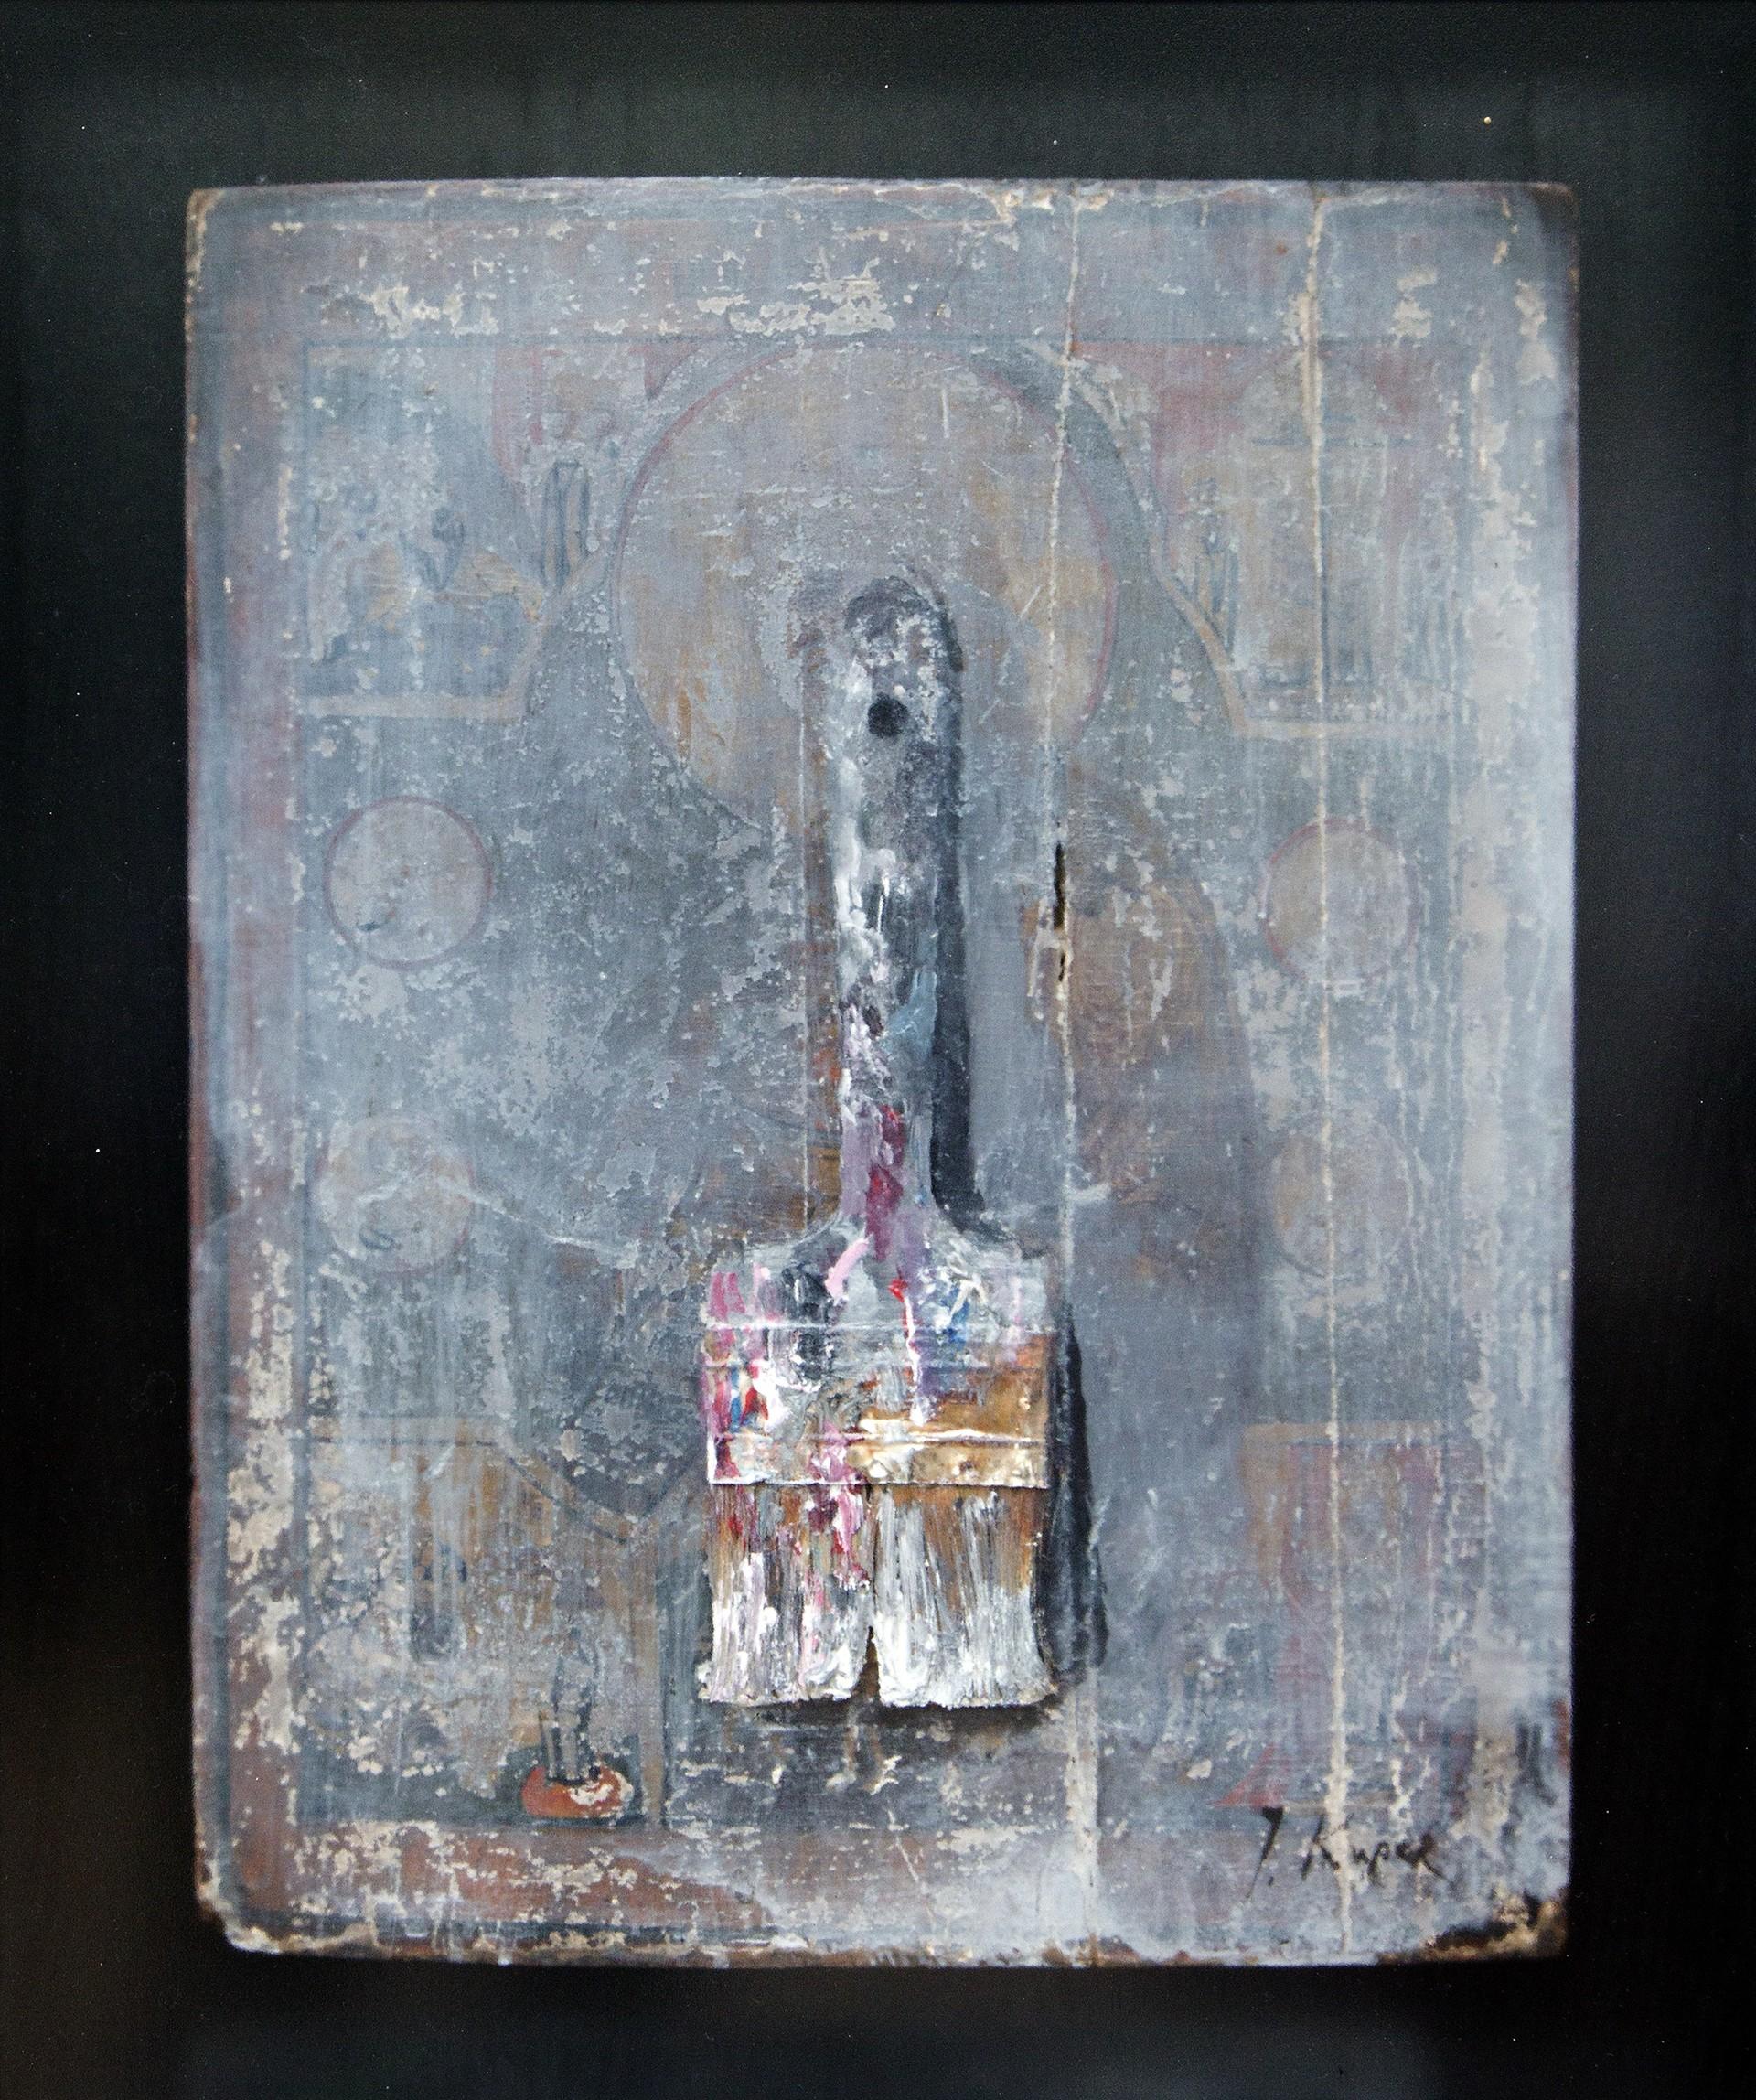 Pennello in una scatola, 2019, legno, acrilico, collage